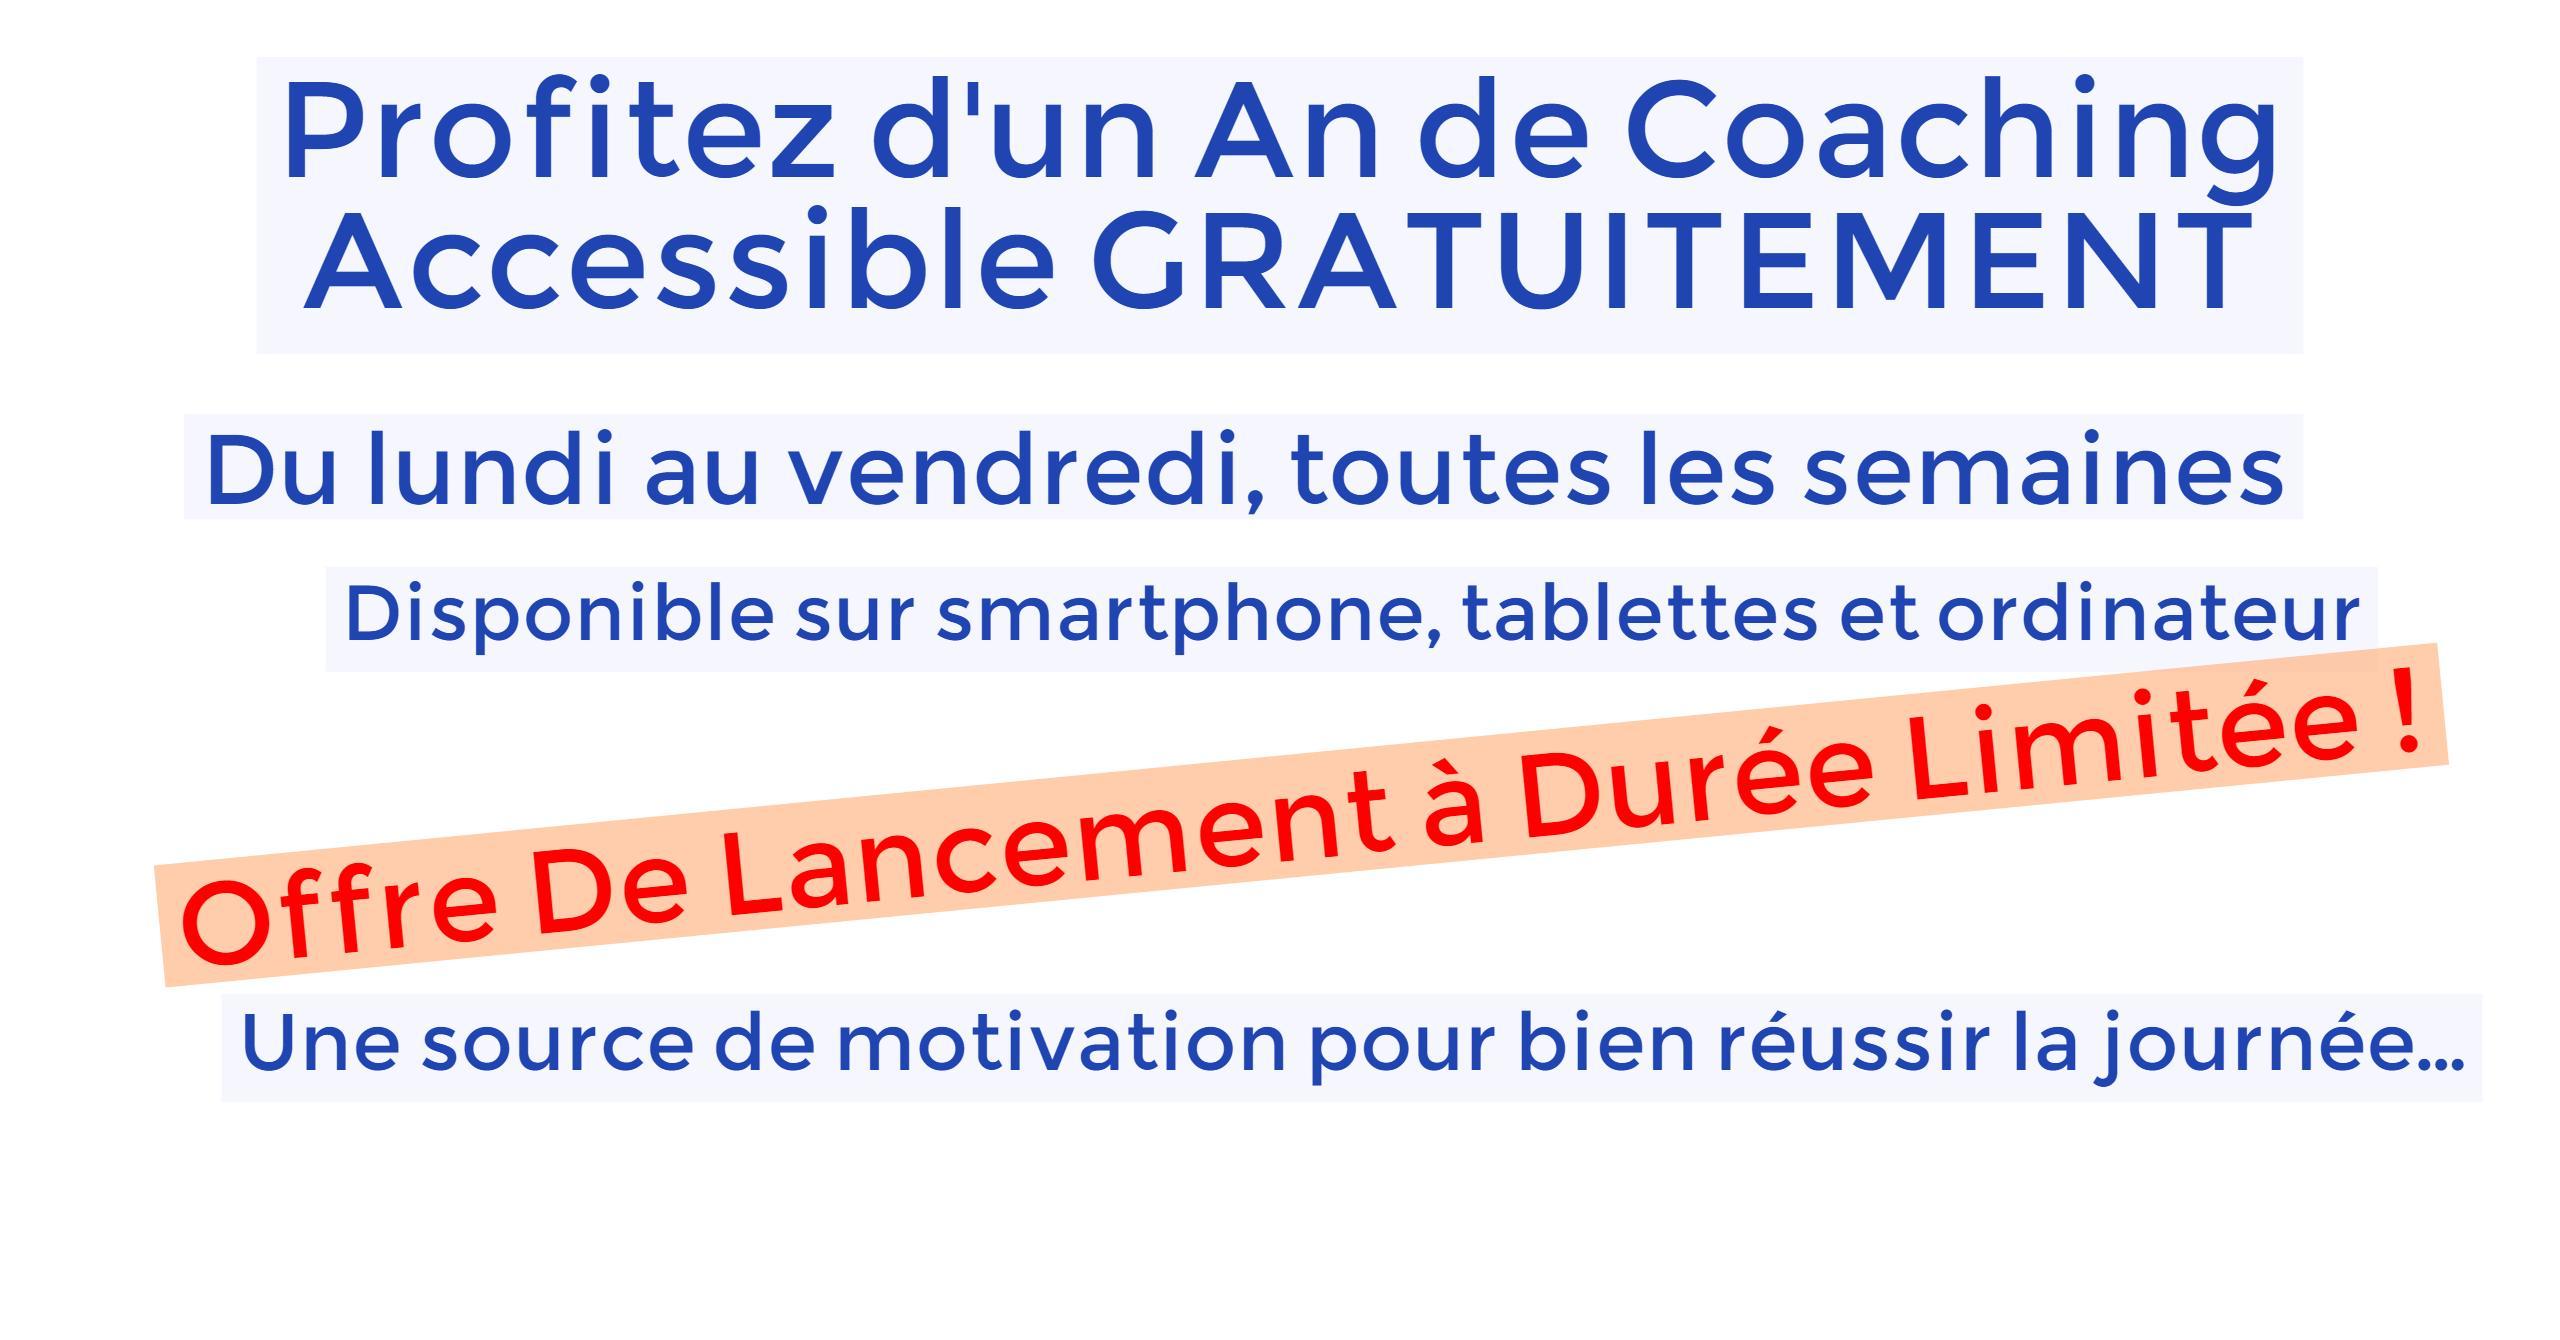 1 an de Coaching Gratuitement Offre de lancement – Durée limitée !